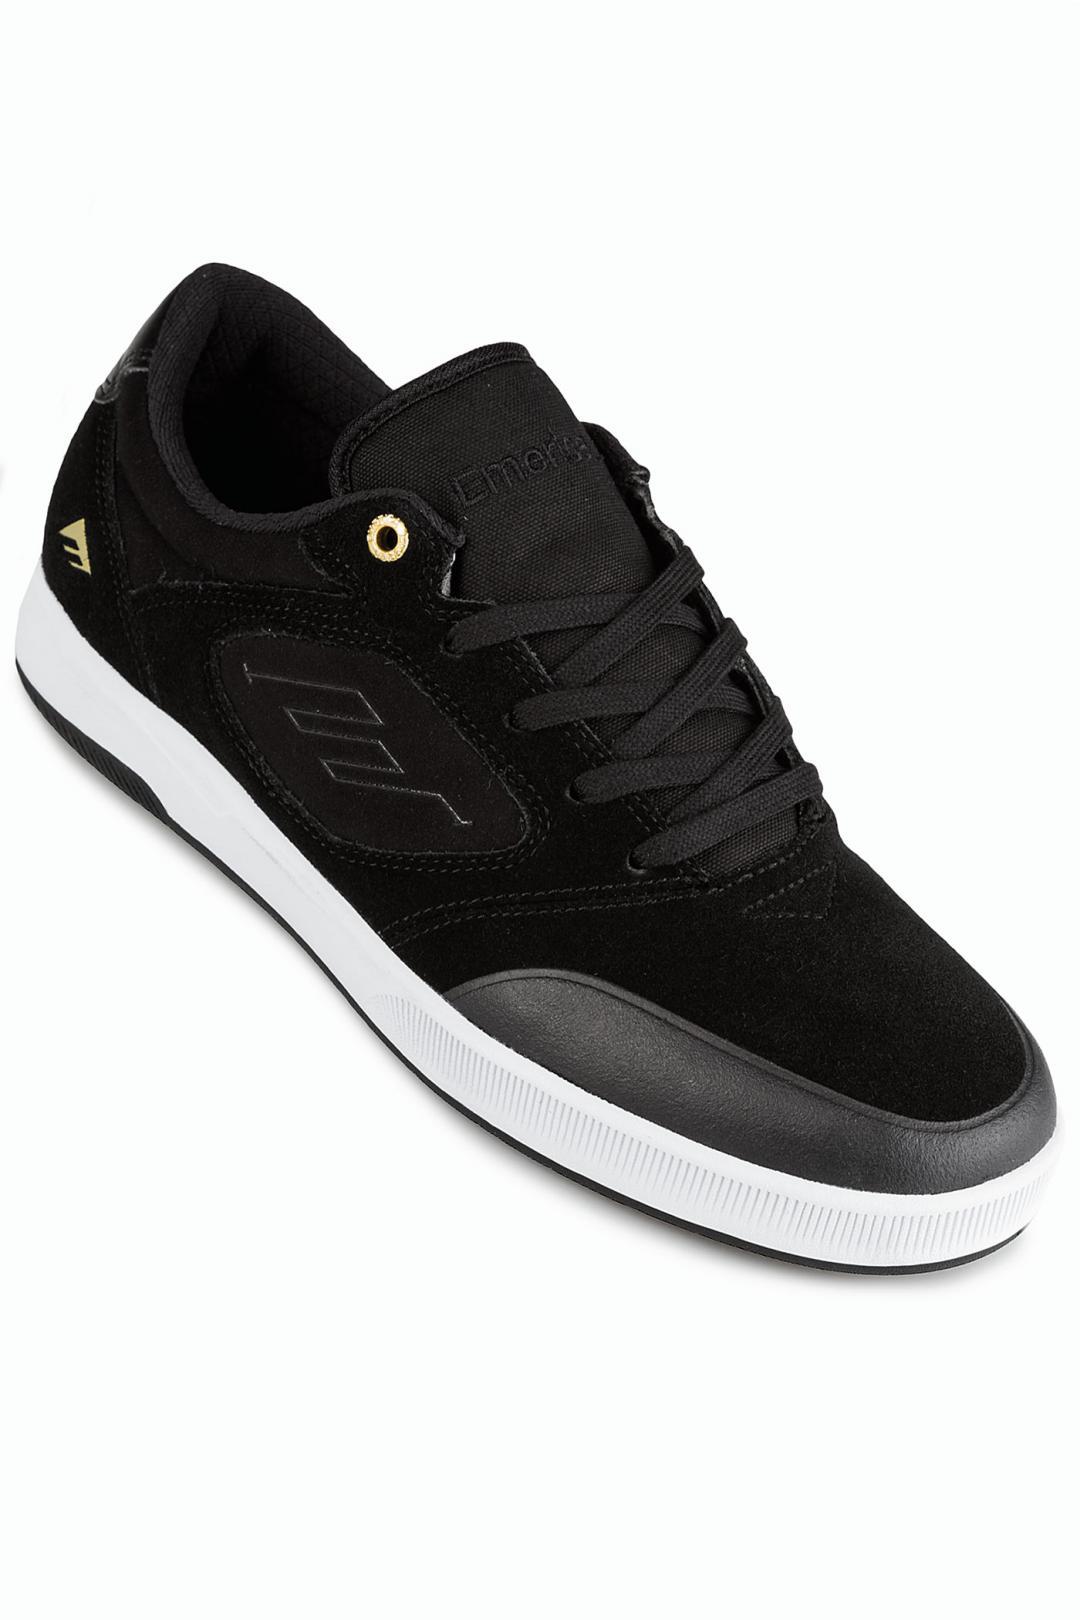 Uomo Emerica Dissent black white gold | Sneaker